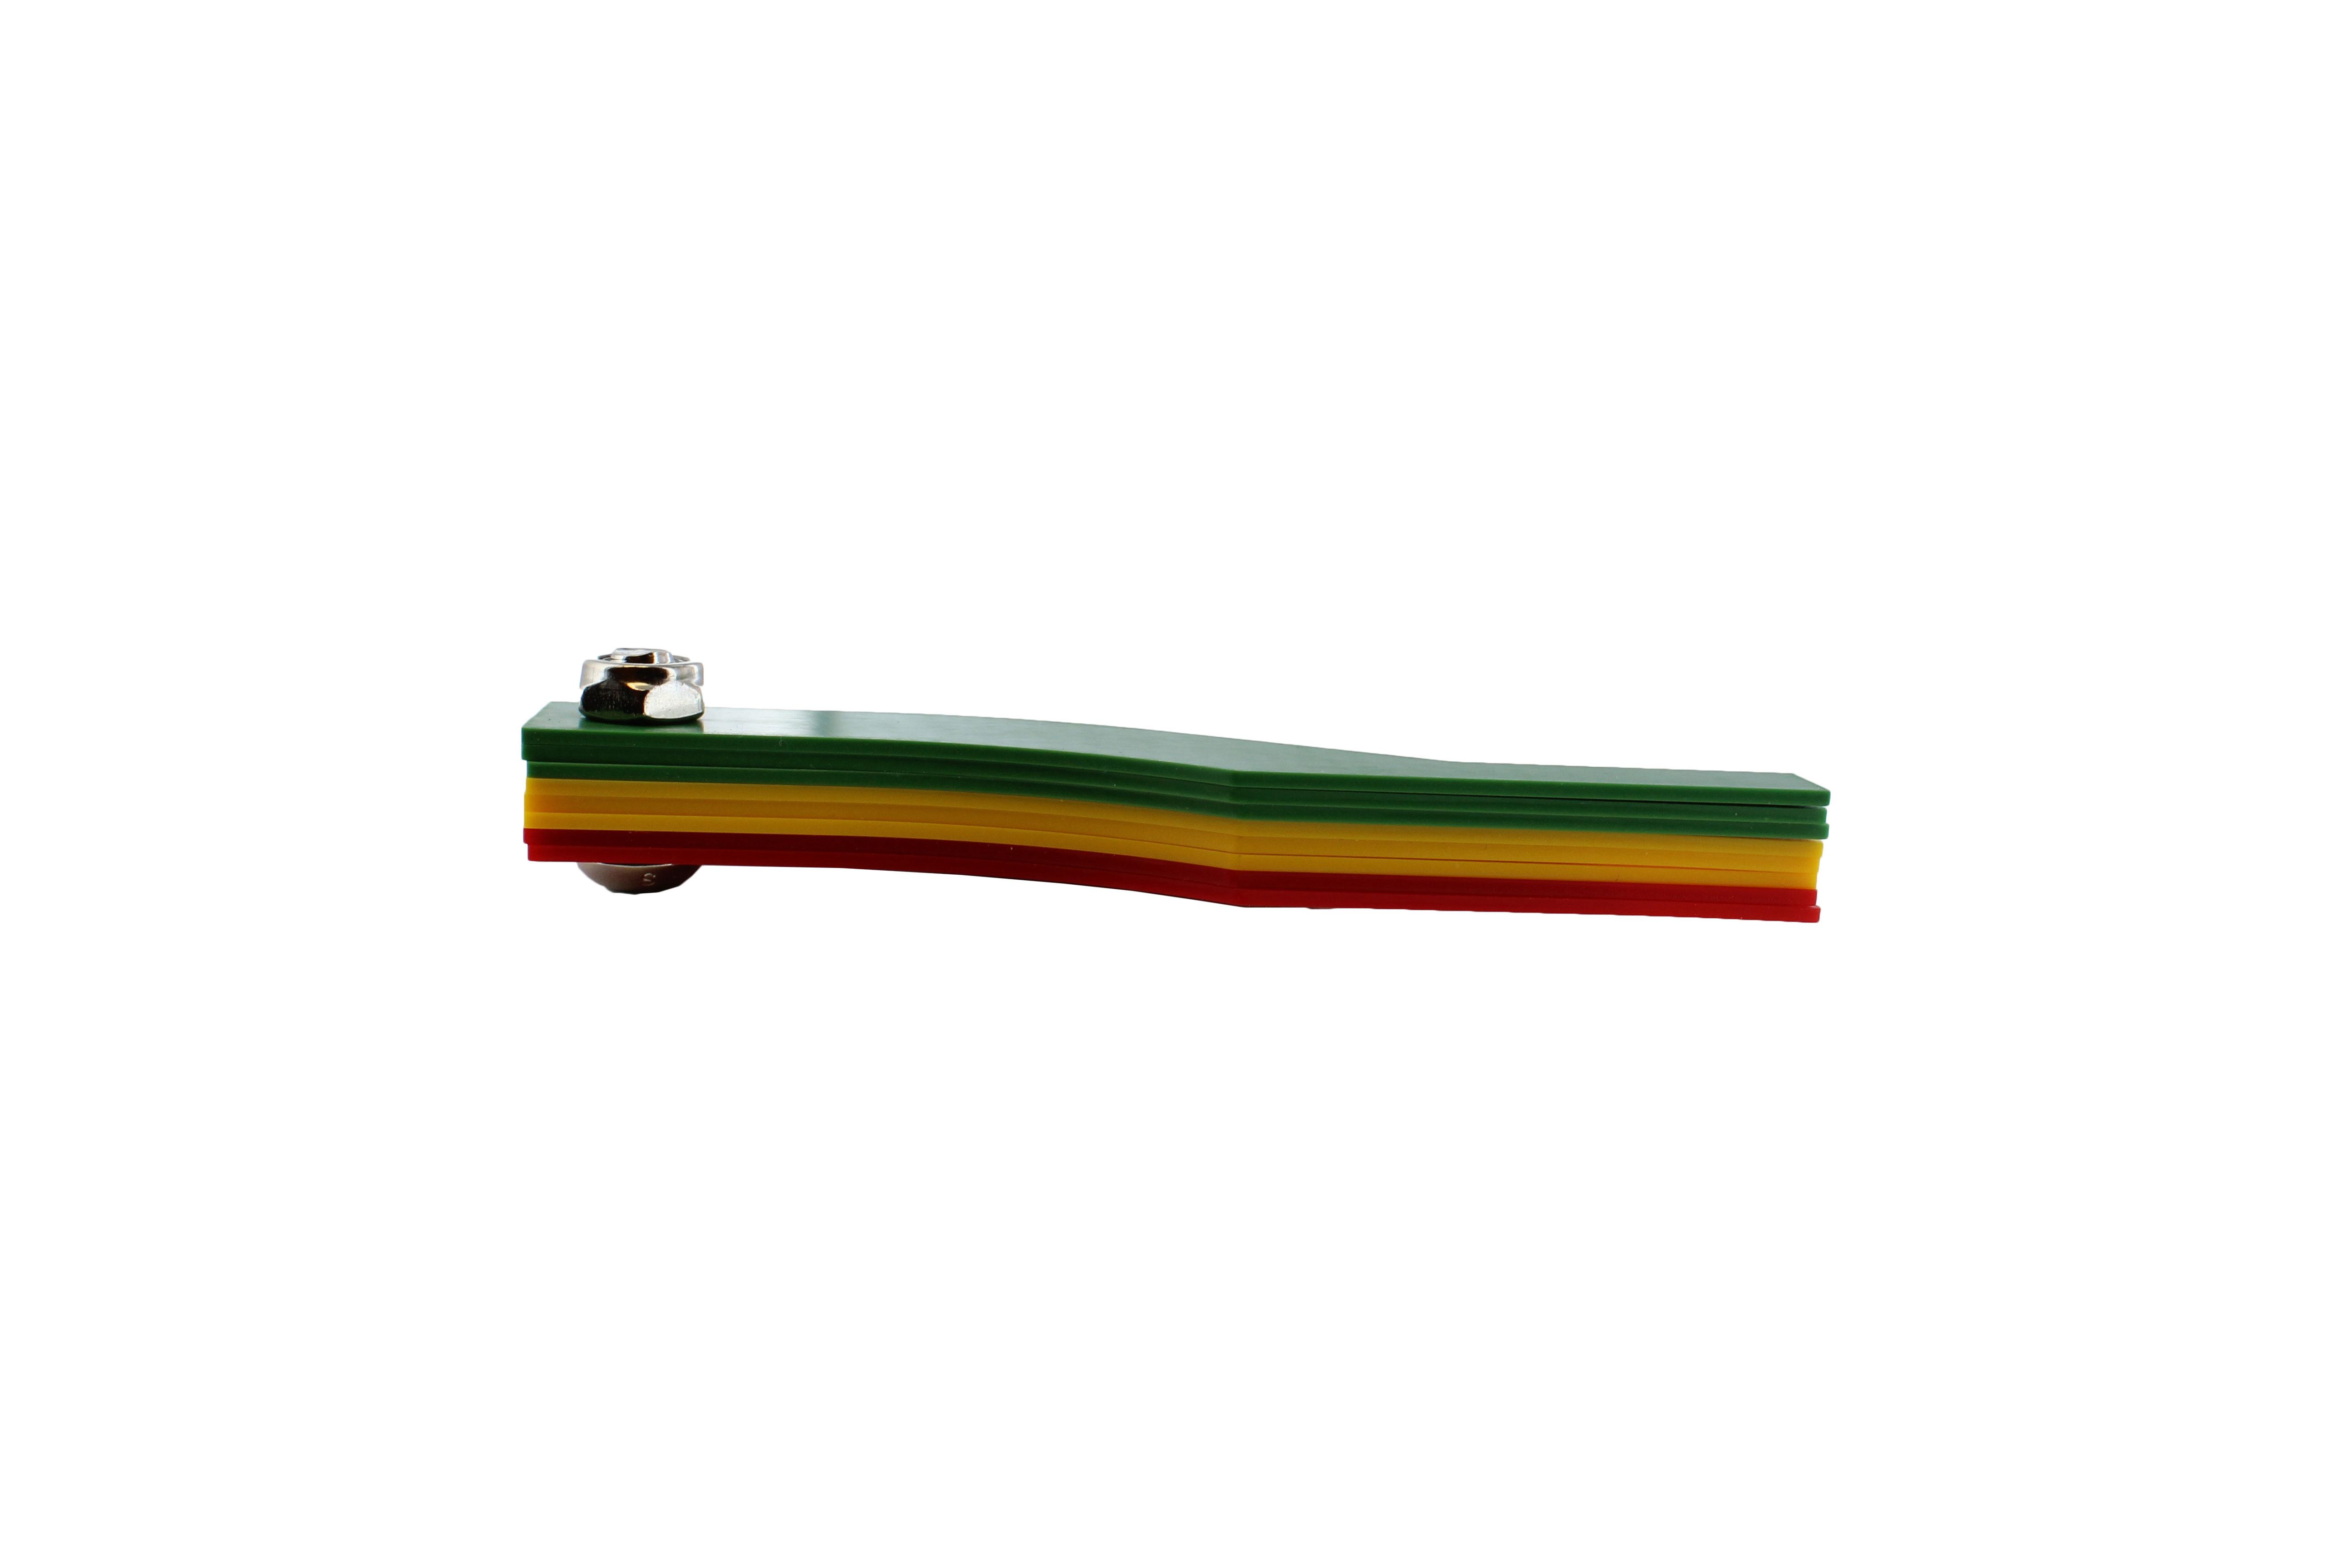 Brake Lining Measurements : Abn brake lining thickness sae metric gauge piece tool